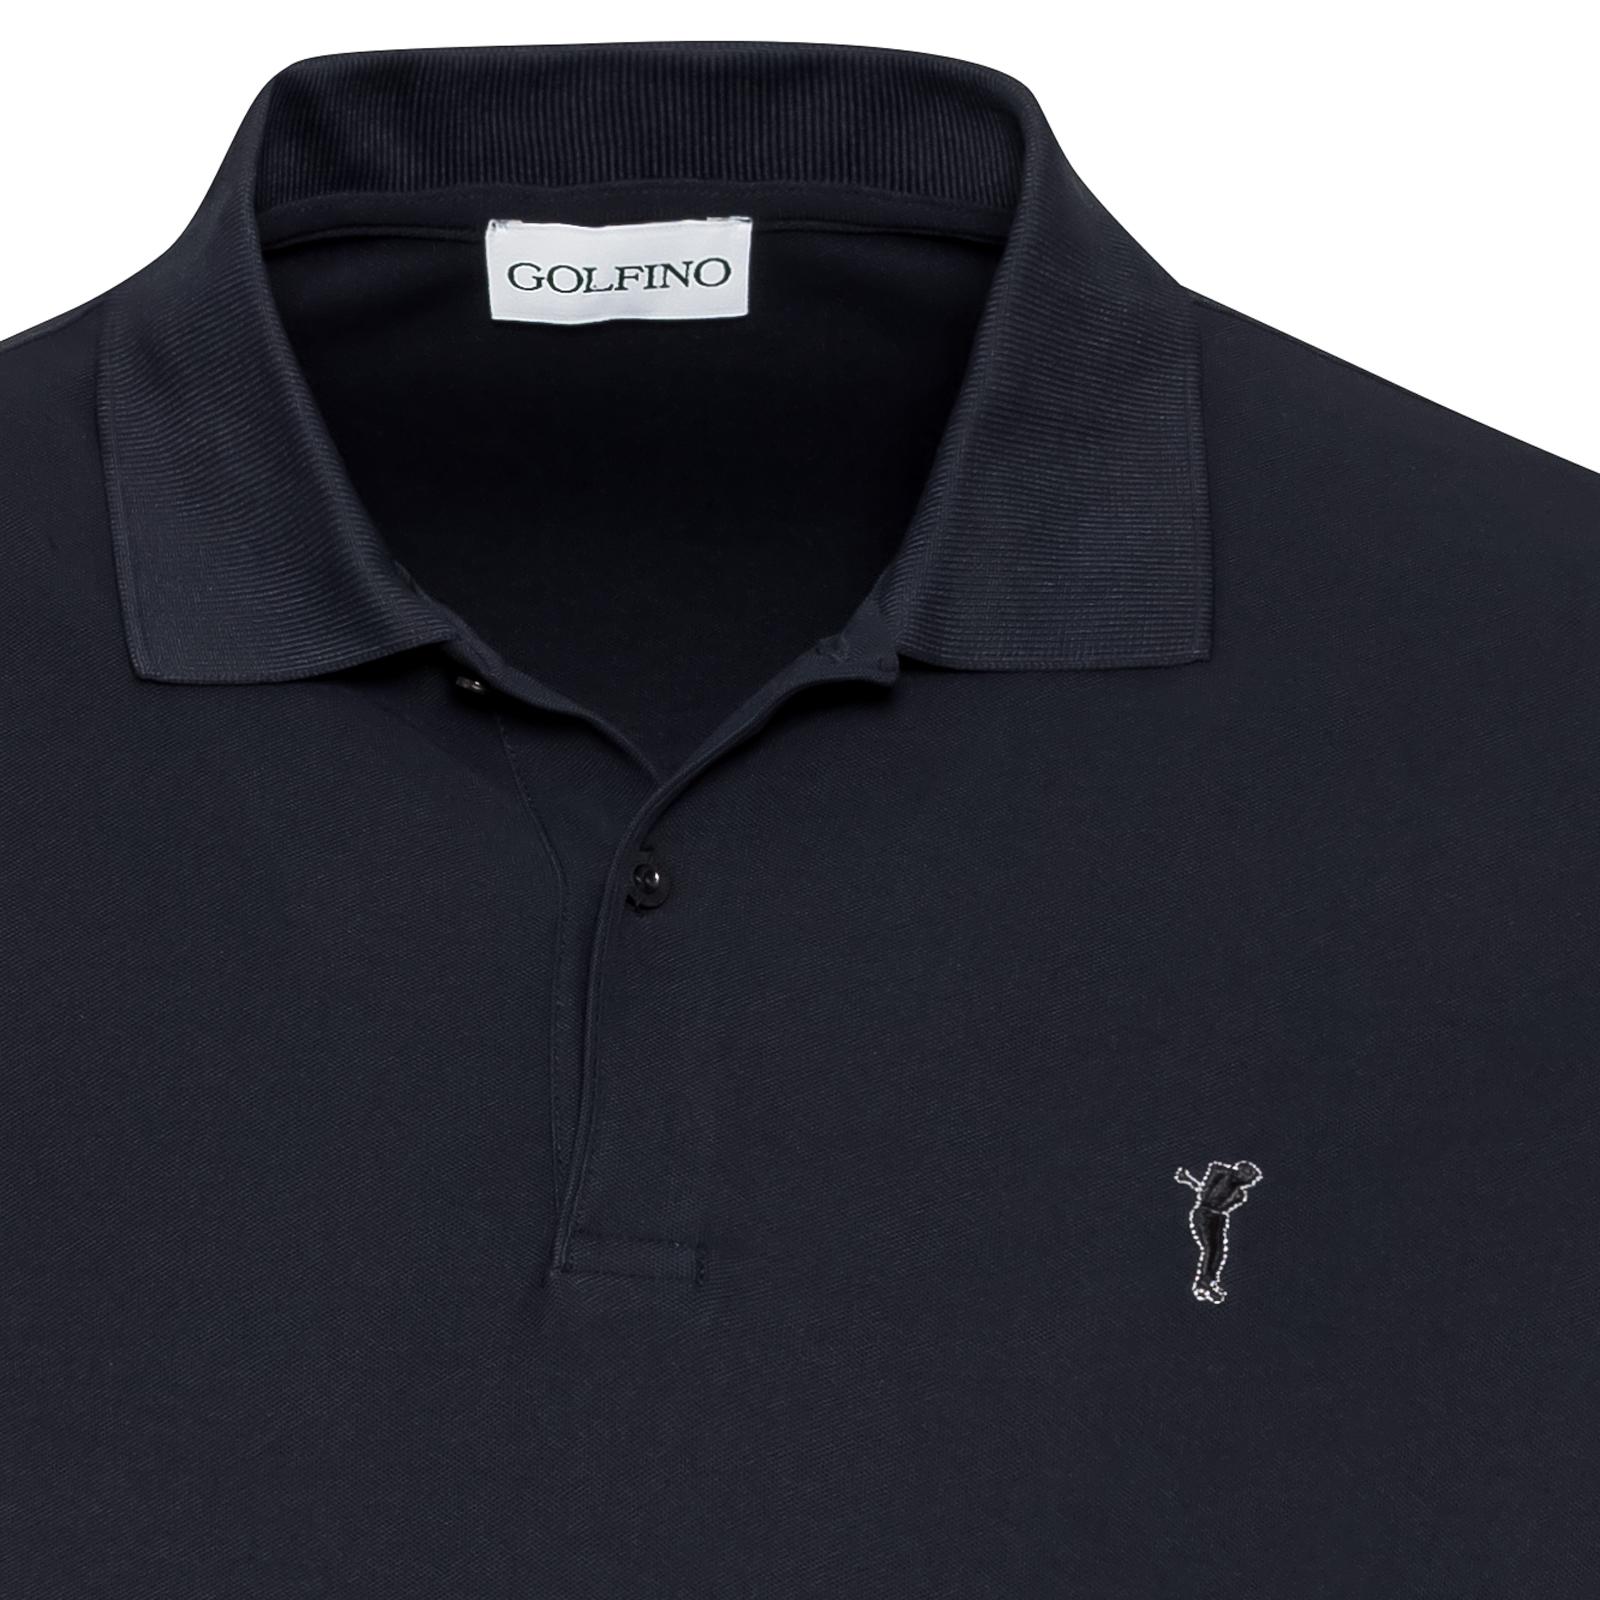 Golf Polo aus feuchtigkeitsregulierendem Stoff